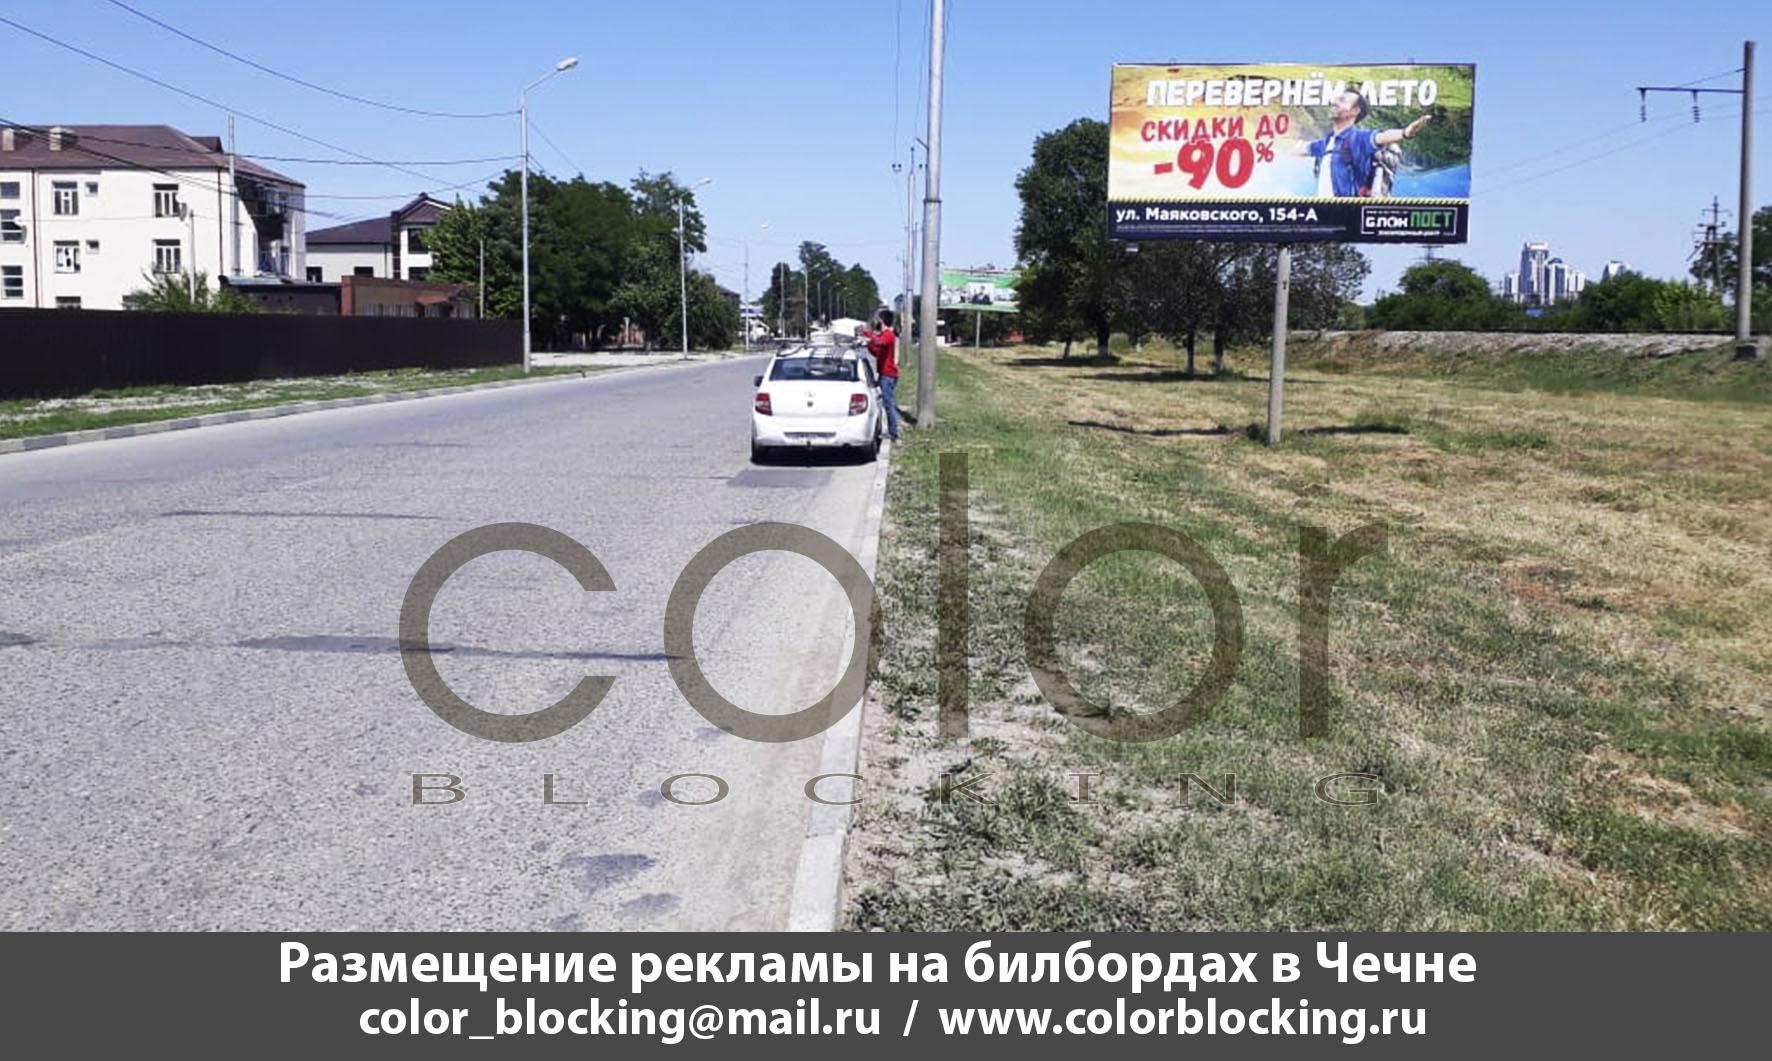 Реклама на билбордах в Грозном БлокПост заказать